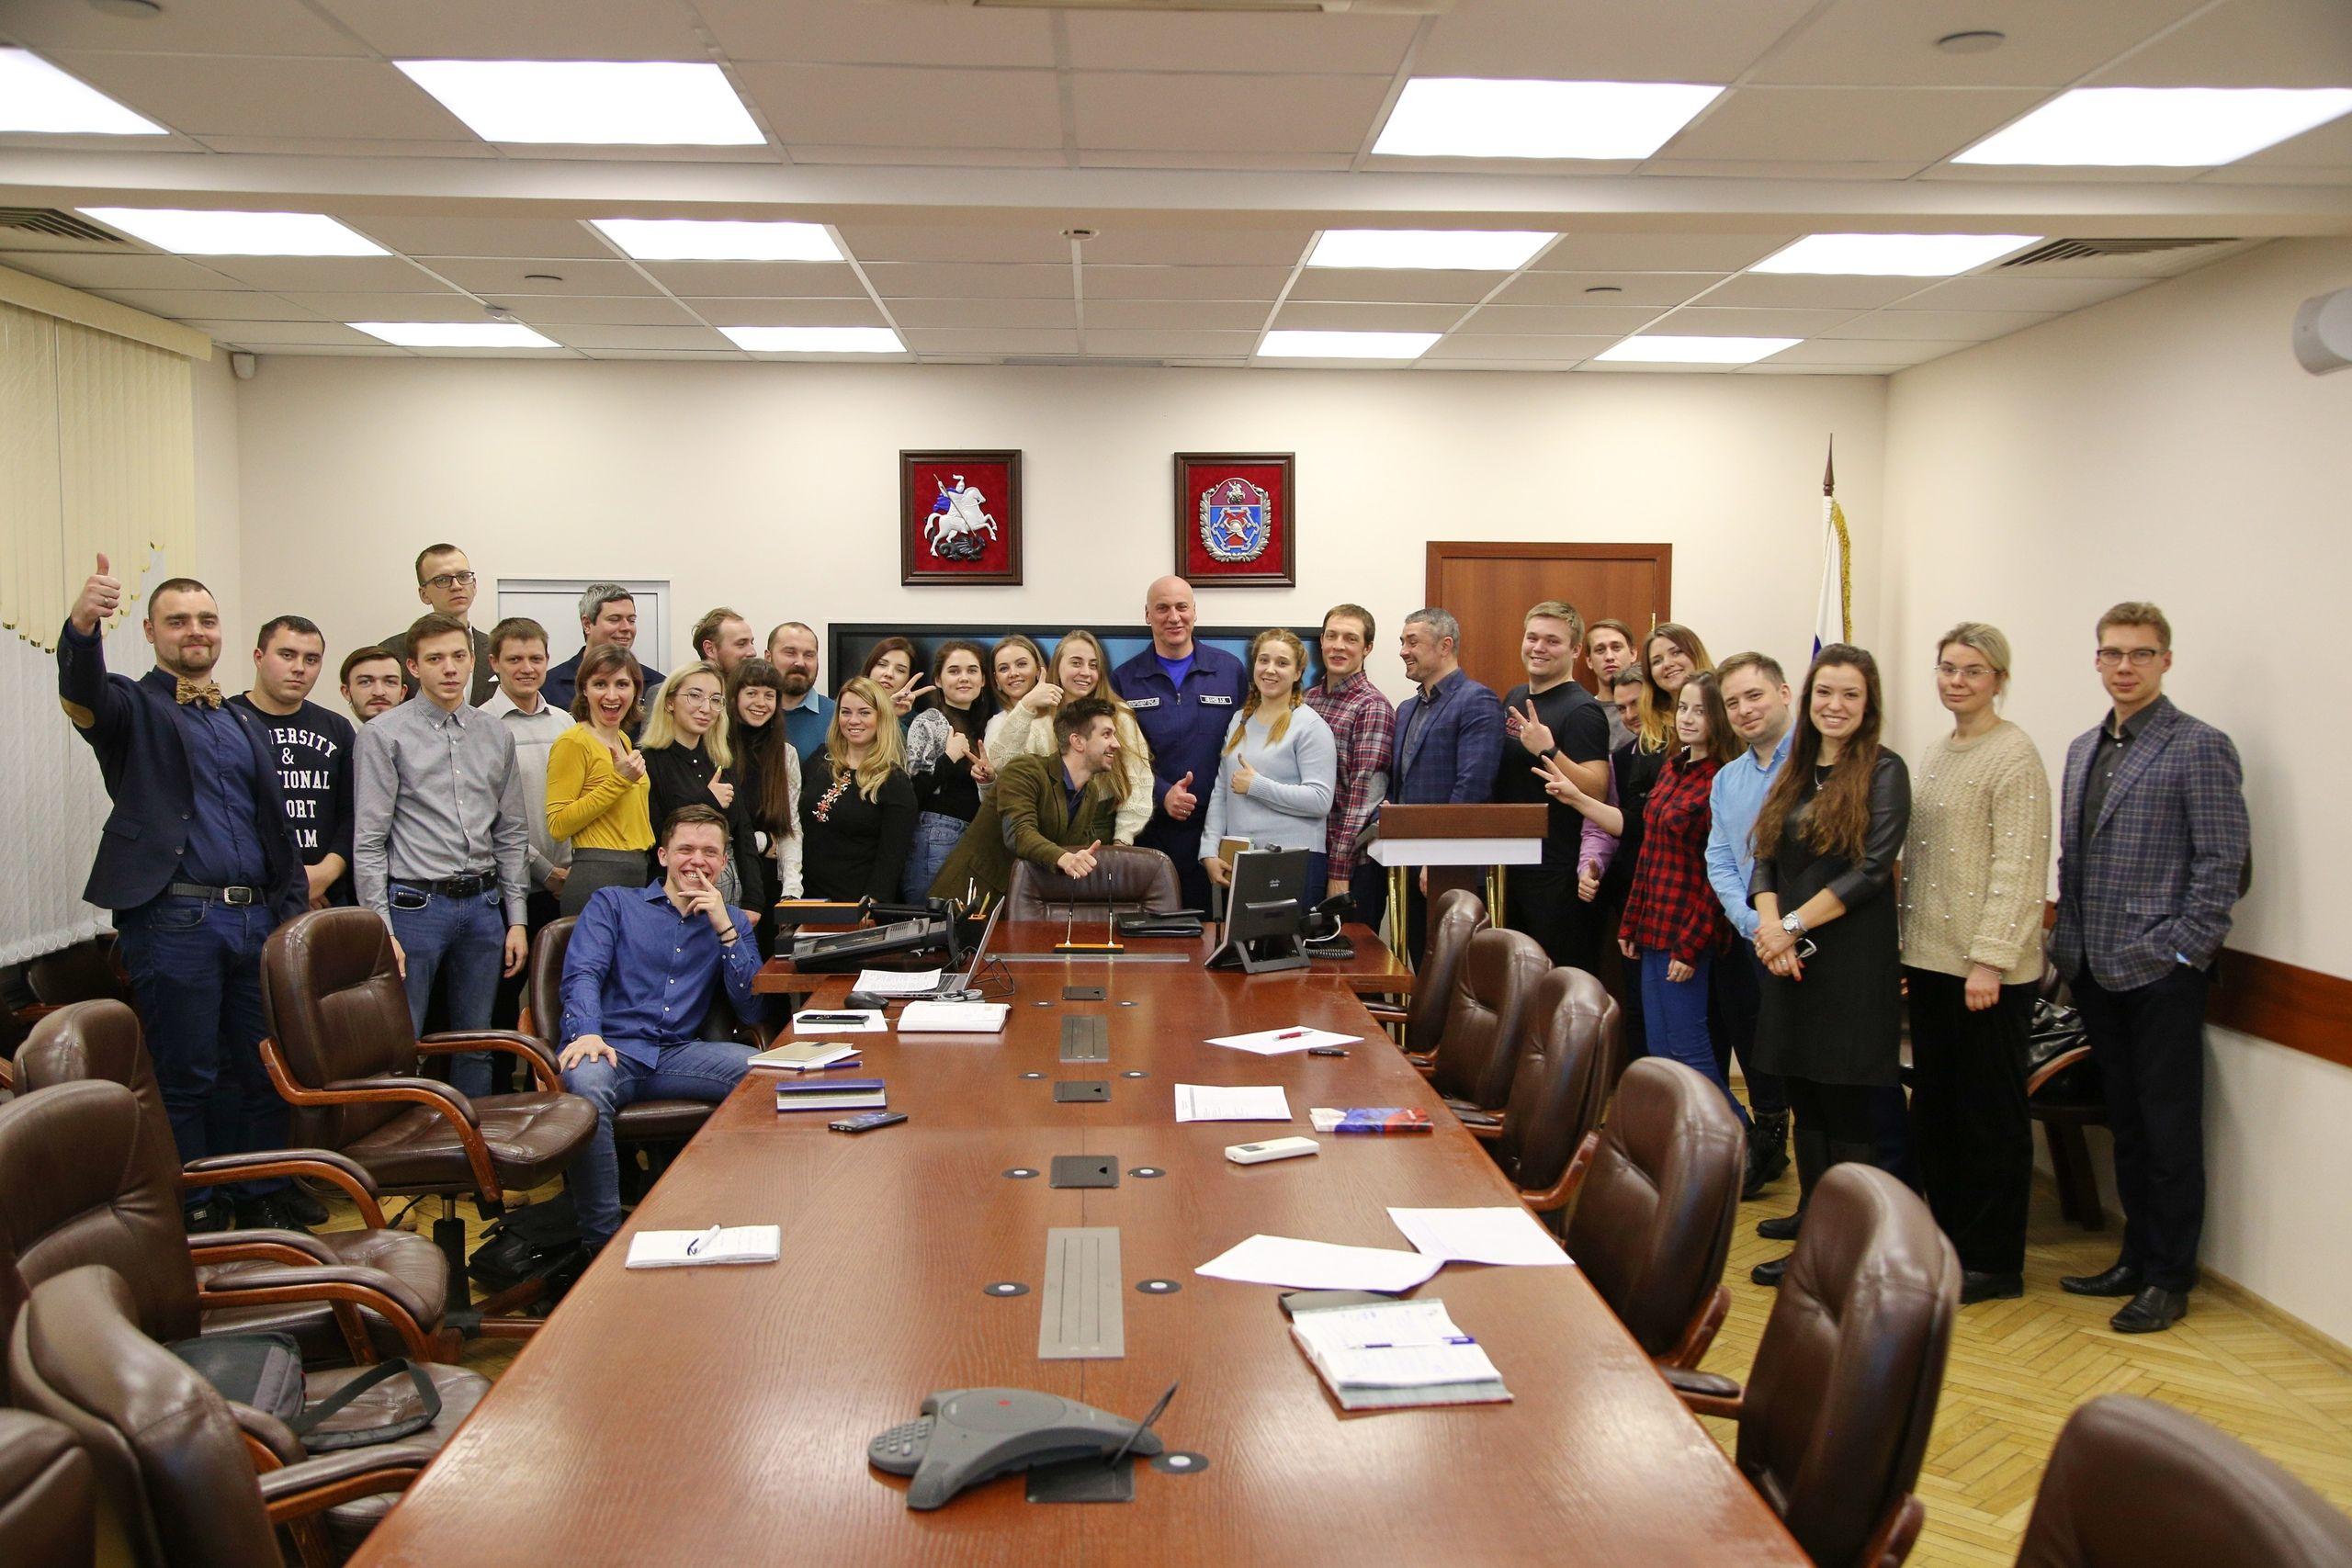 Дорогу молодому поколению: итоговое собрание молодежного совета прошло в Департаменте ГОЧСиПБ